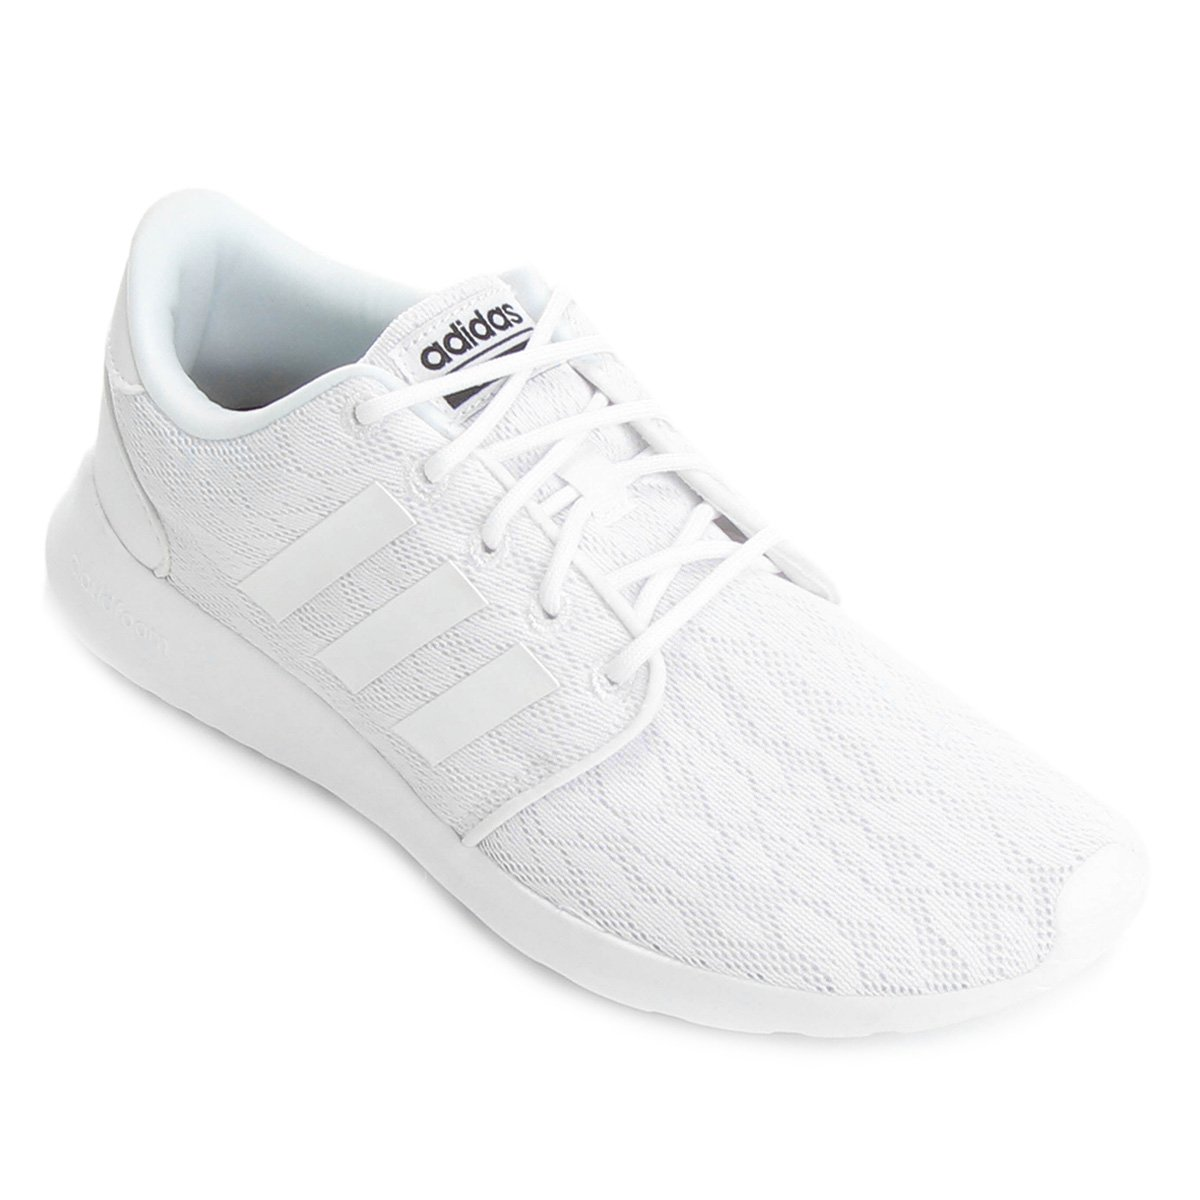 0331b32af14 Tênis Adidas Cf Qt Racer Feminino - Compre Agora